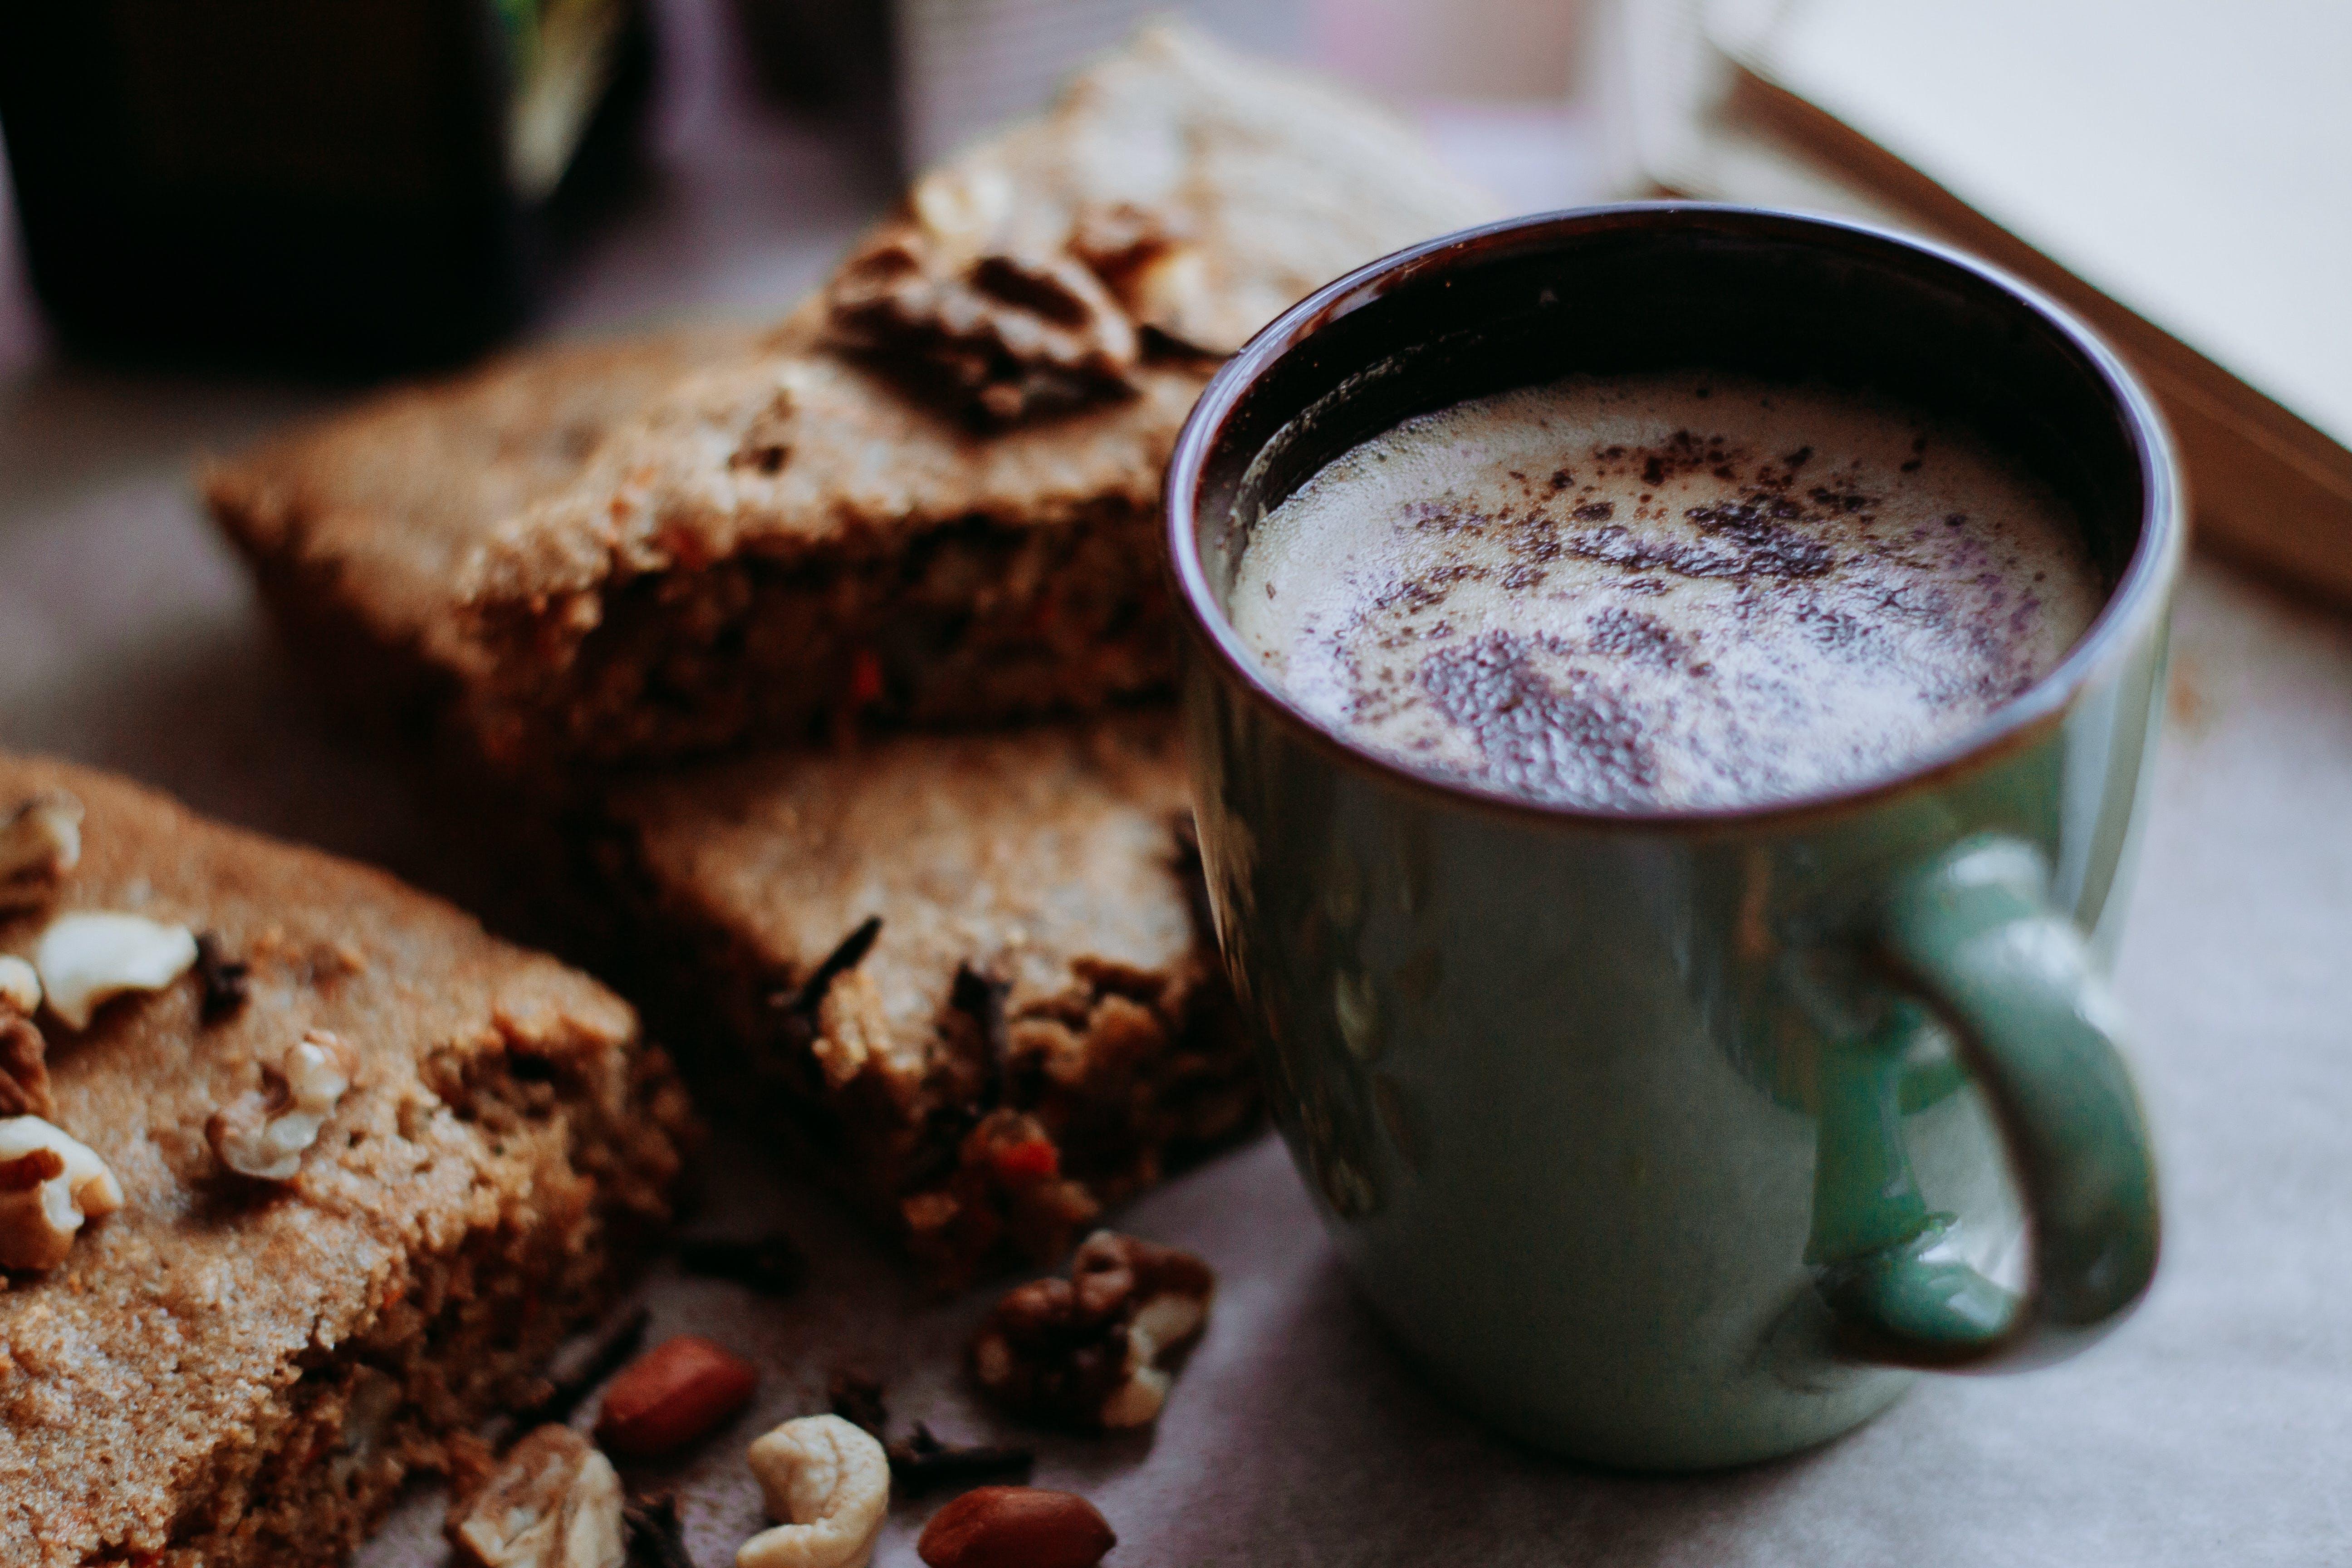 Gratis stockfoto met bouten, brood, cafeïne, cappuccino